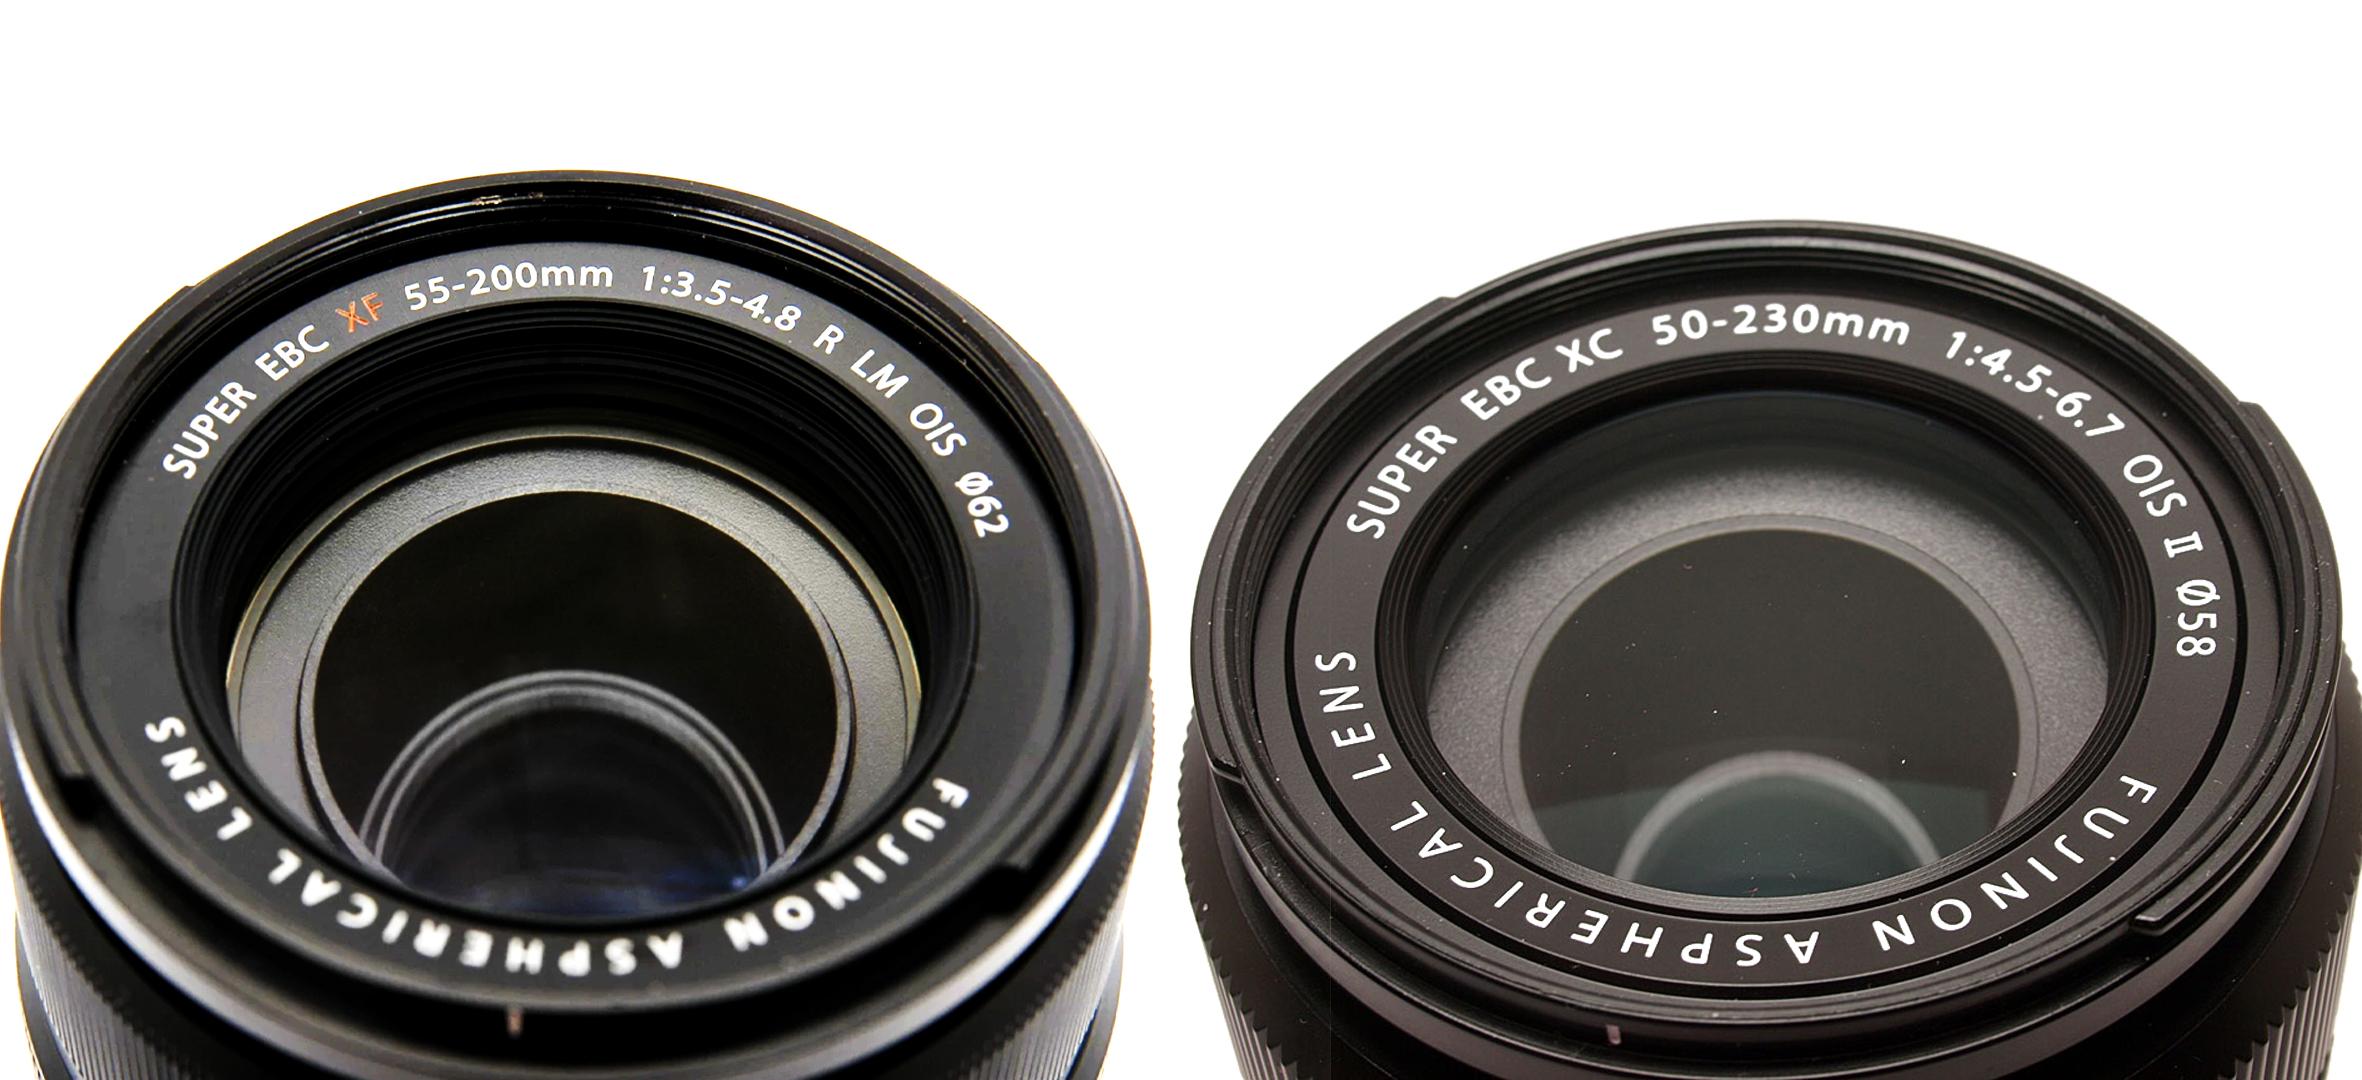 Fujifilm's Best Tele Lens - Fujinon XF 55-200mm VS Fujinon XC 50-230mm